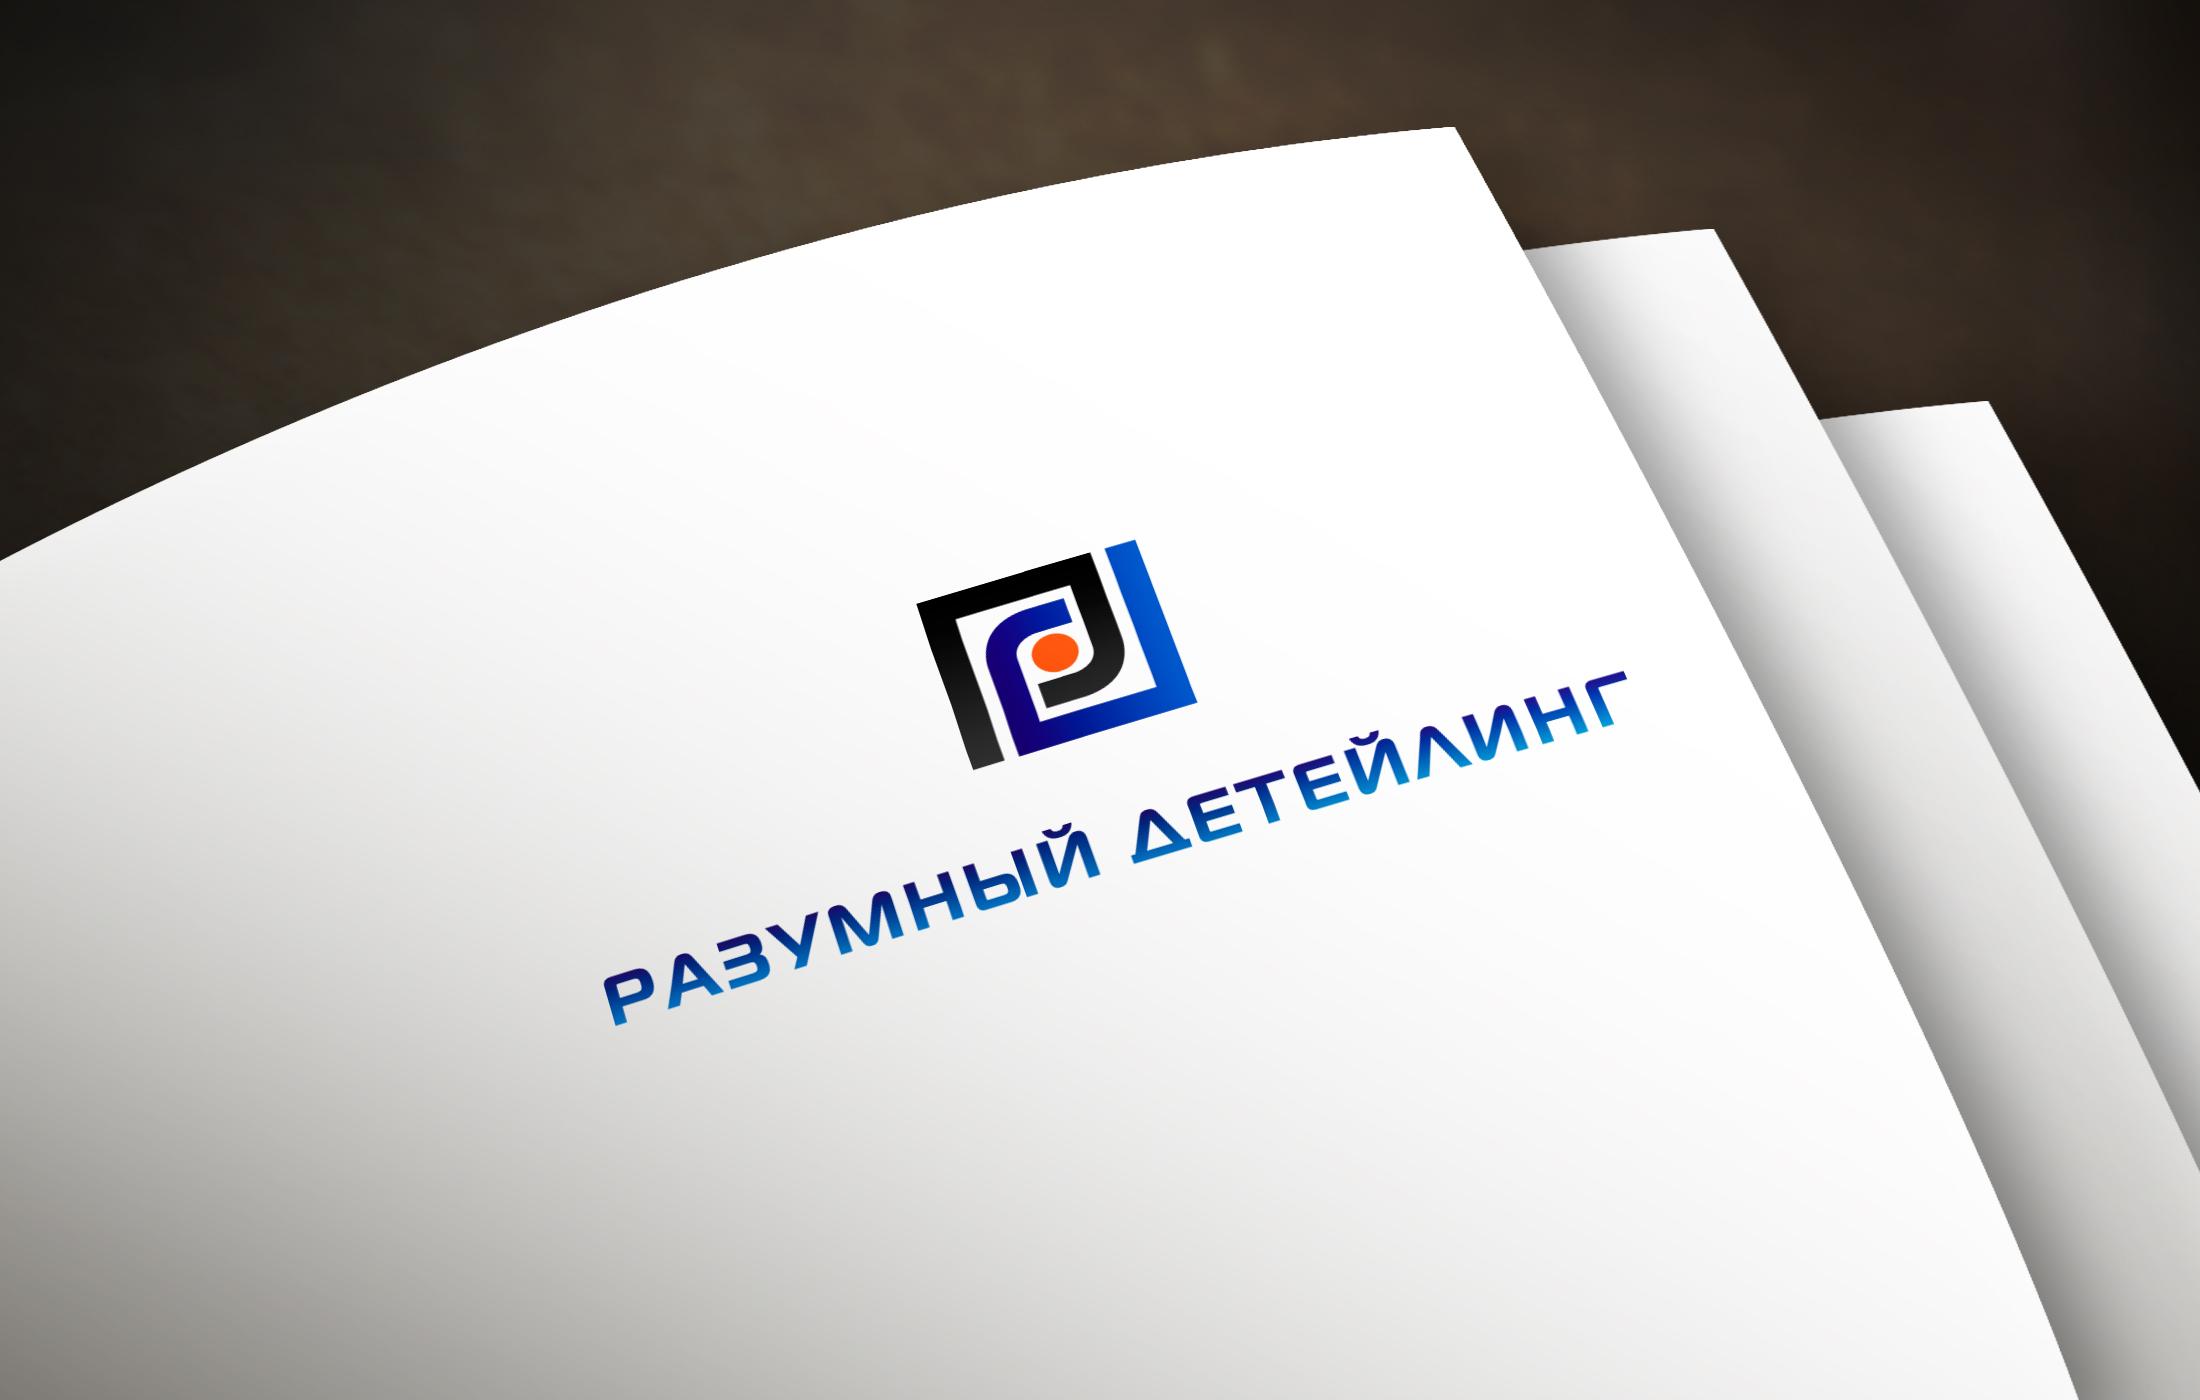 Ребрендинг логотипа  фото f_7115aef687db43b1.jpg